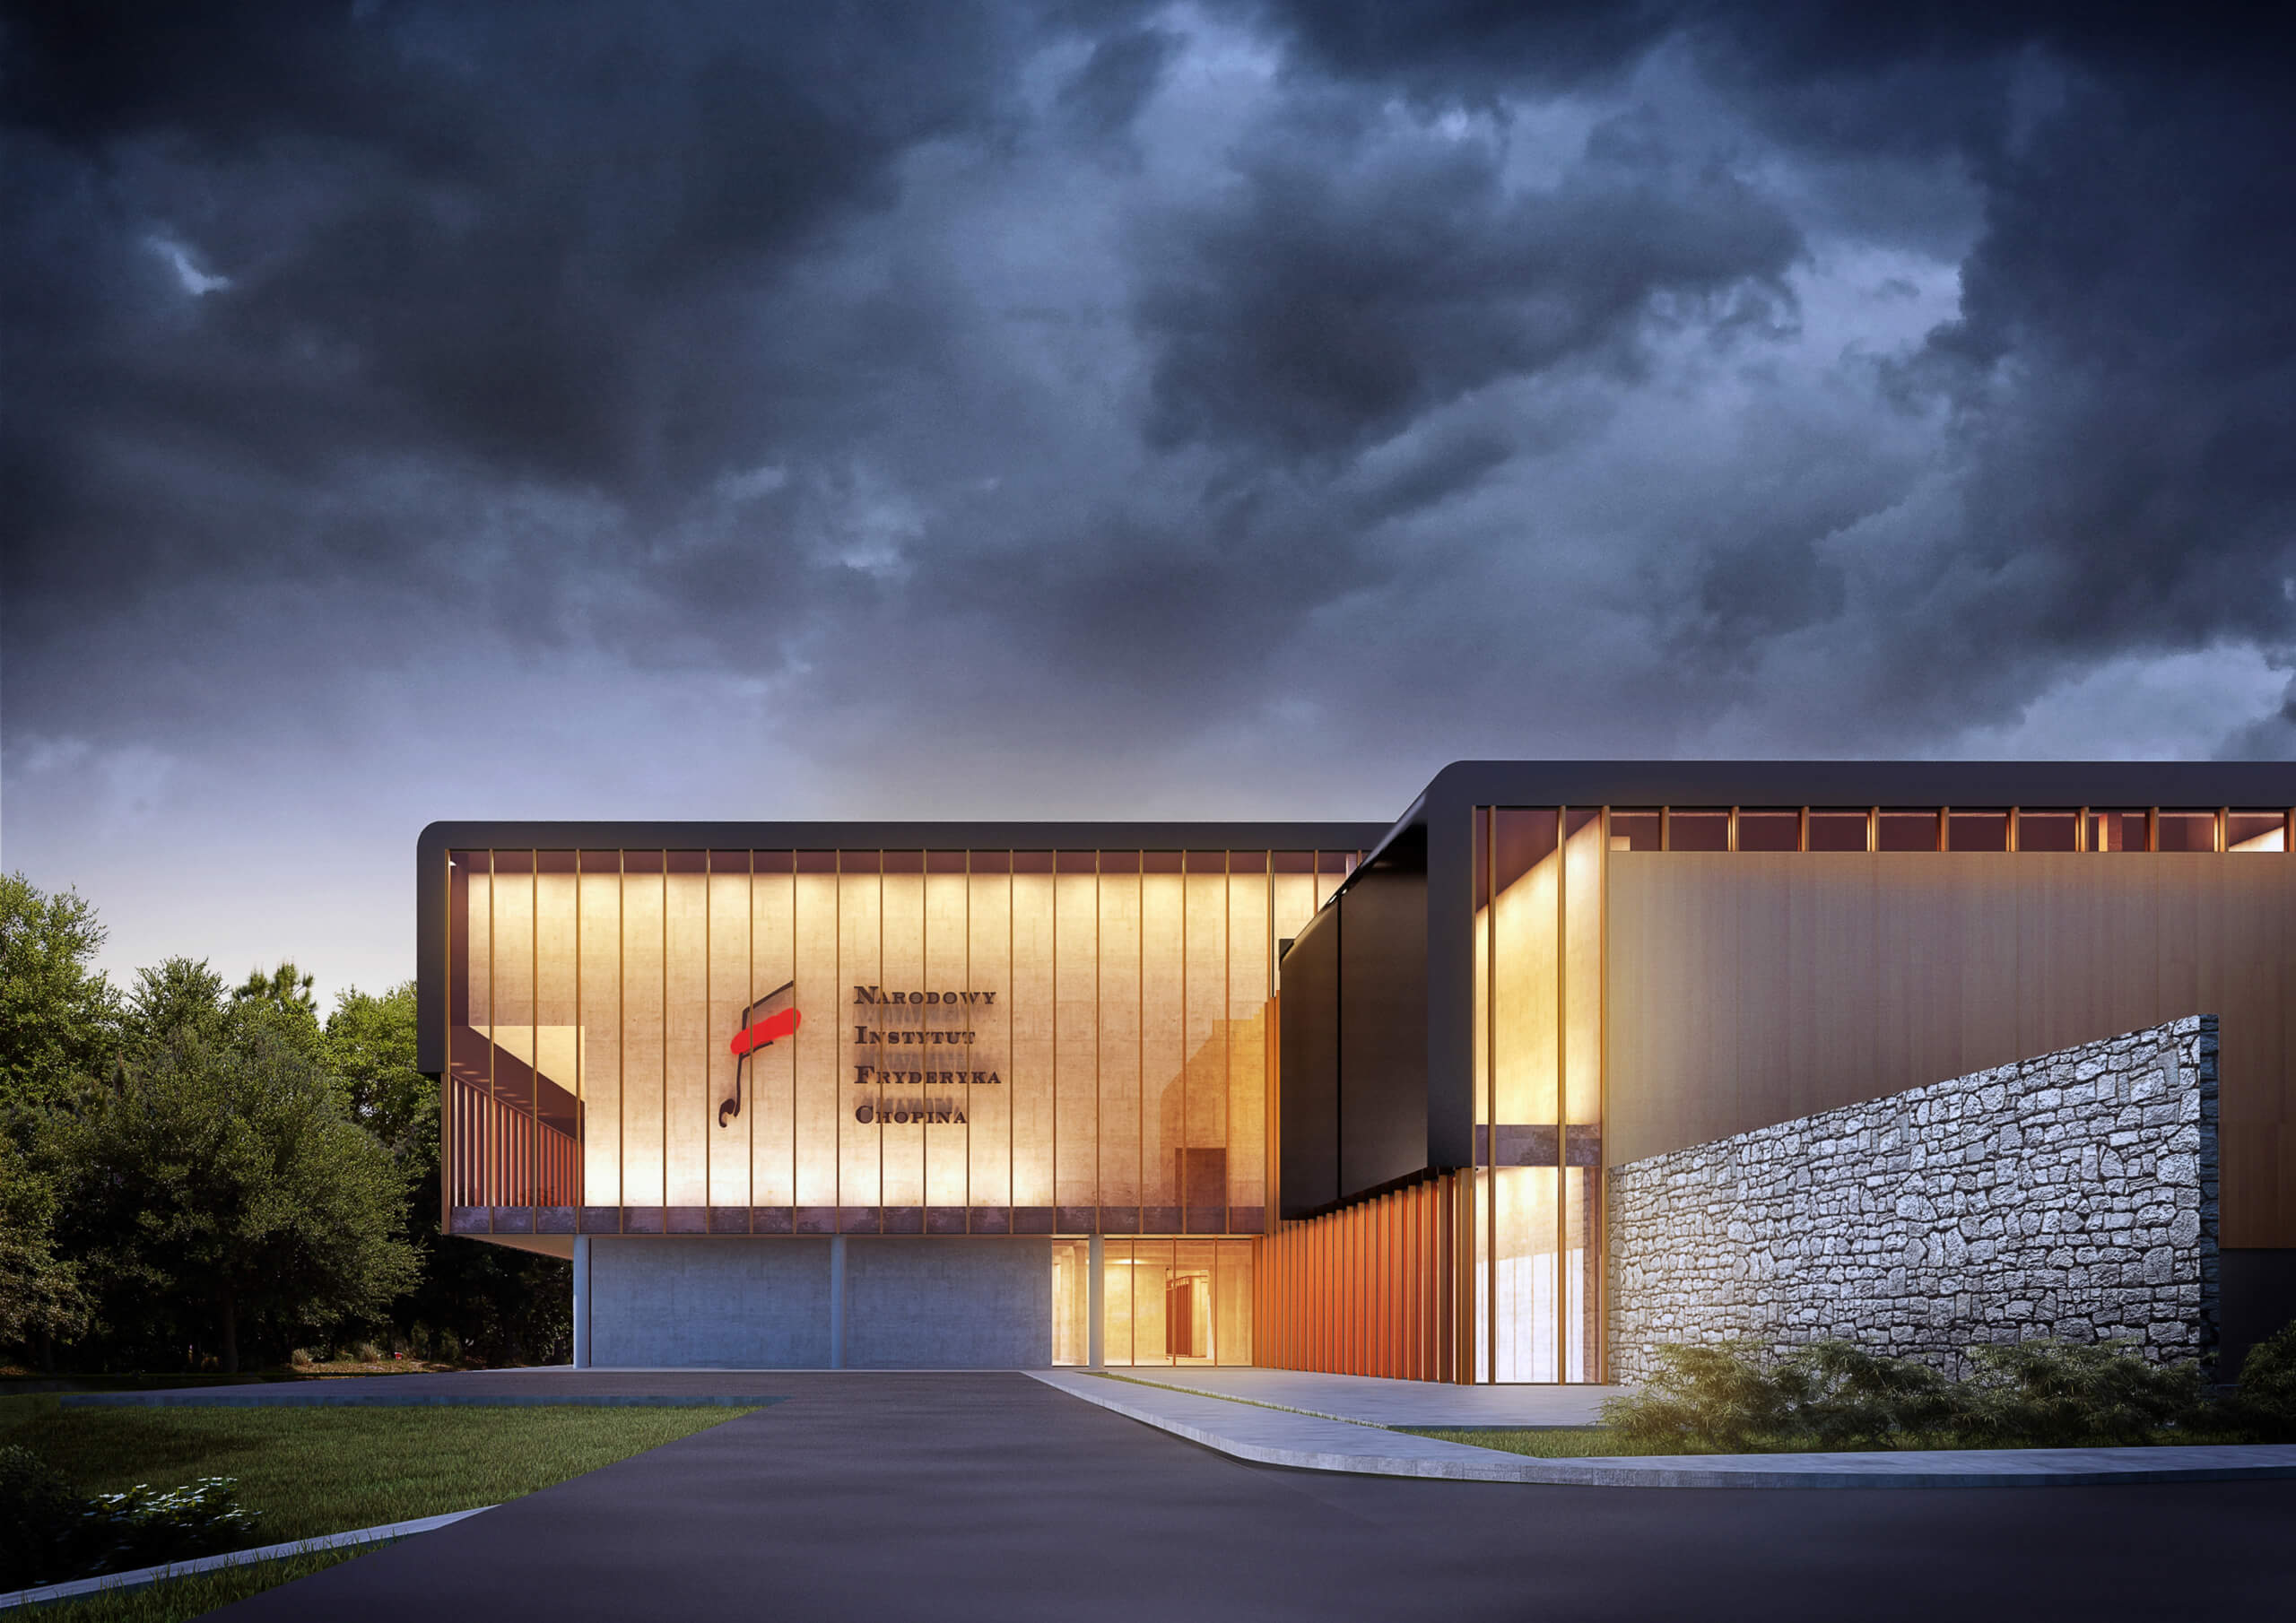 Międzynarodowe Centrum Muzyki w Żelazowej Woli